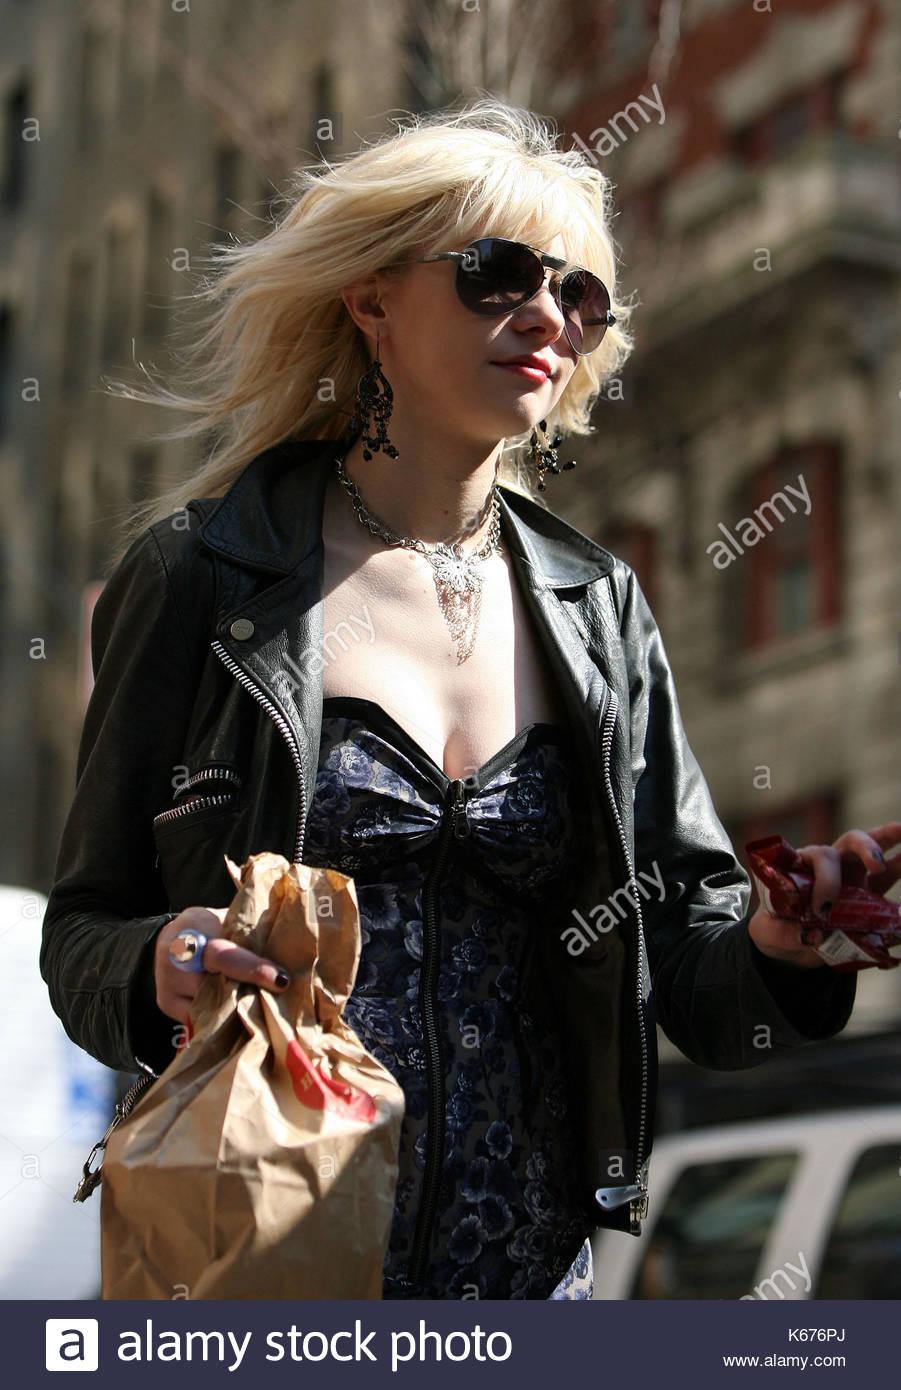 e8e4956ec6160 taylor-momsen-taylor-momsen-che-interpreta-il-ruolo-di-jenny-humphrey-nella-serie-televisiva-gossip-girl-macchiato-di-indossare-calze-a-rete-una-giacca-di-  ...